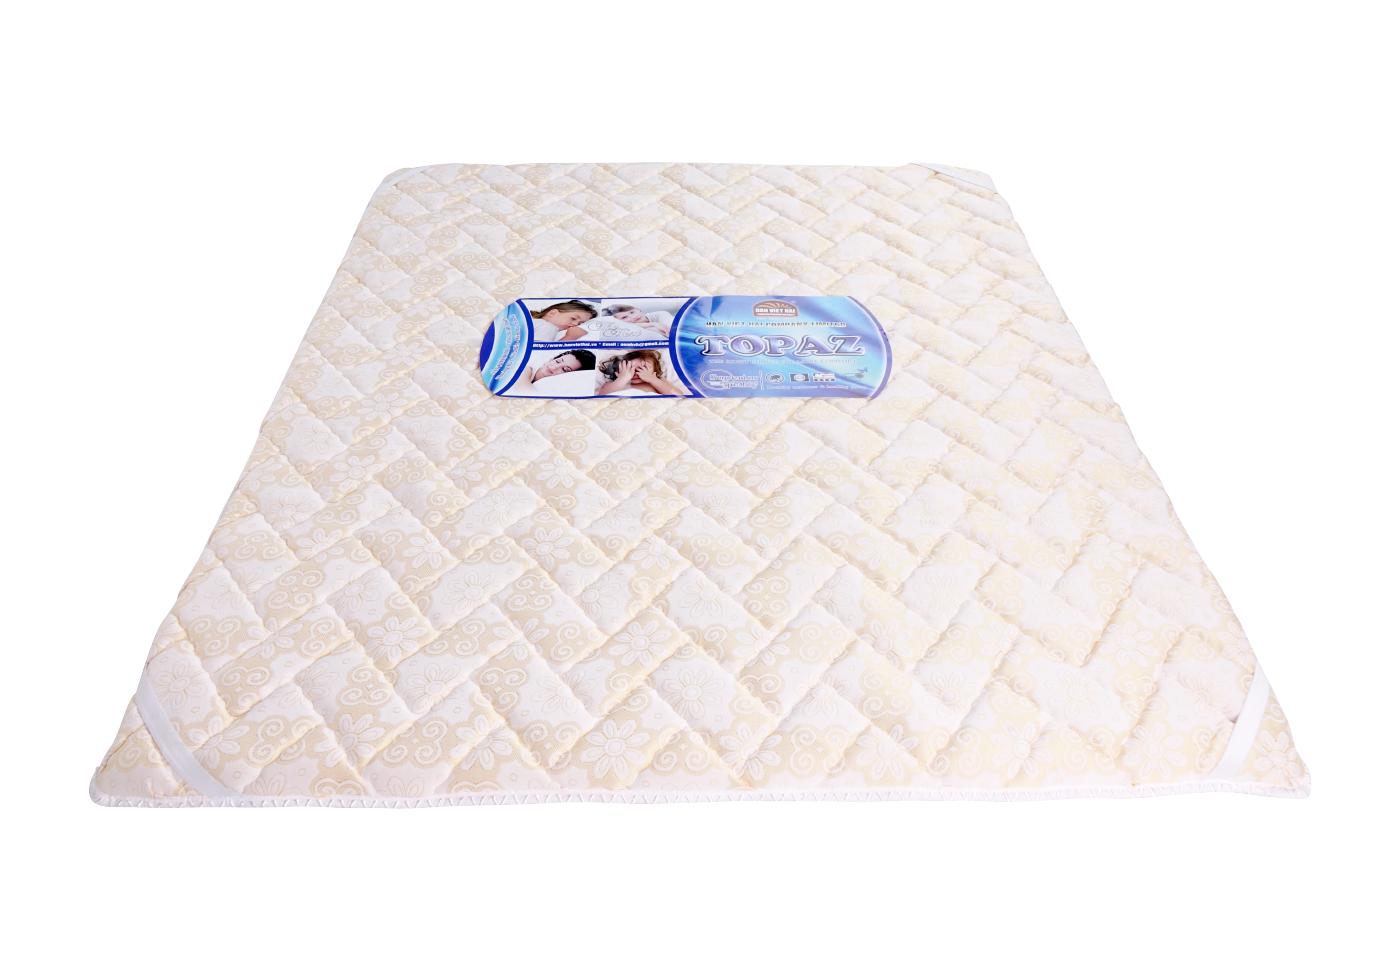 Nệm Ép tổng hợp TOPAZ vải xốp Gấm